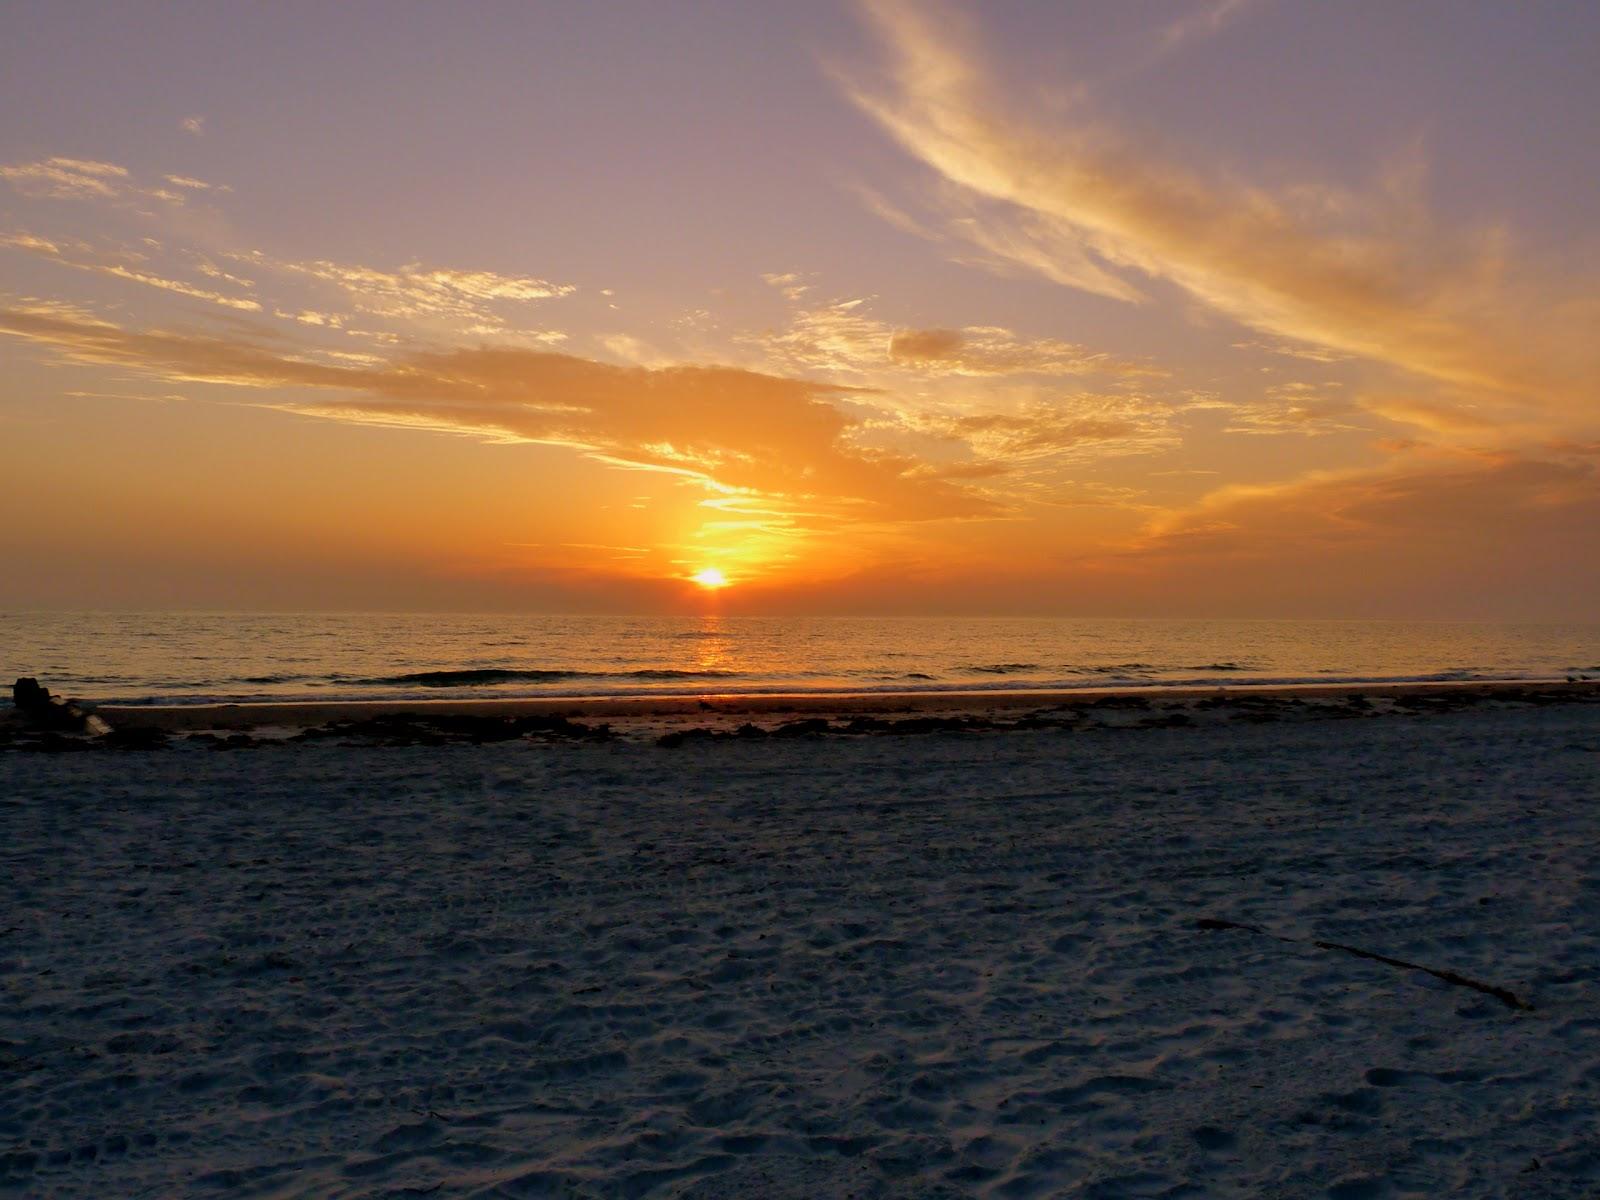 Seagulls at Sunset Florida For Desktop - seagulls at sunset florida wallpapers